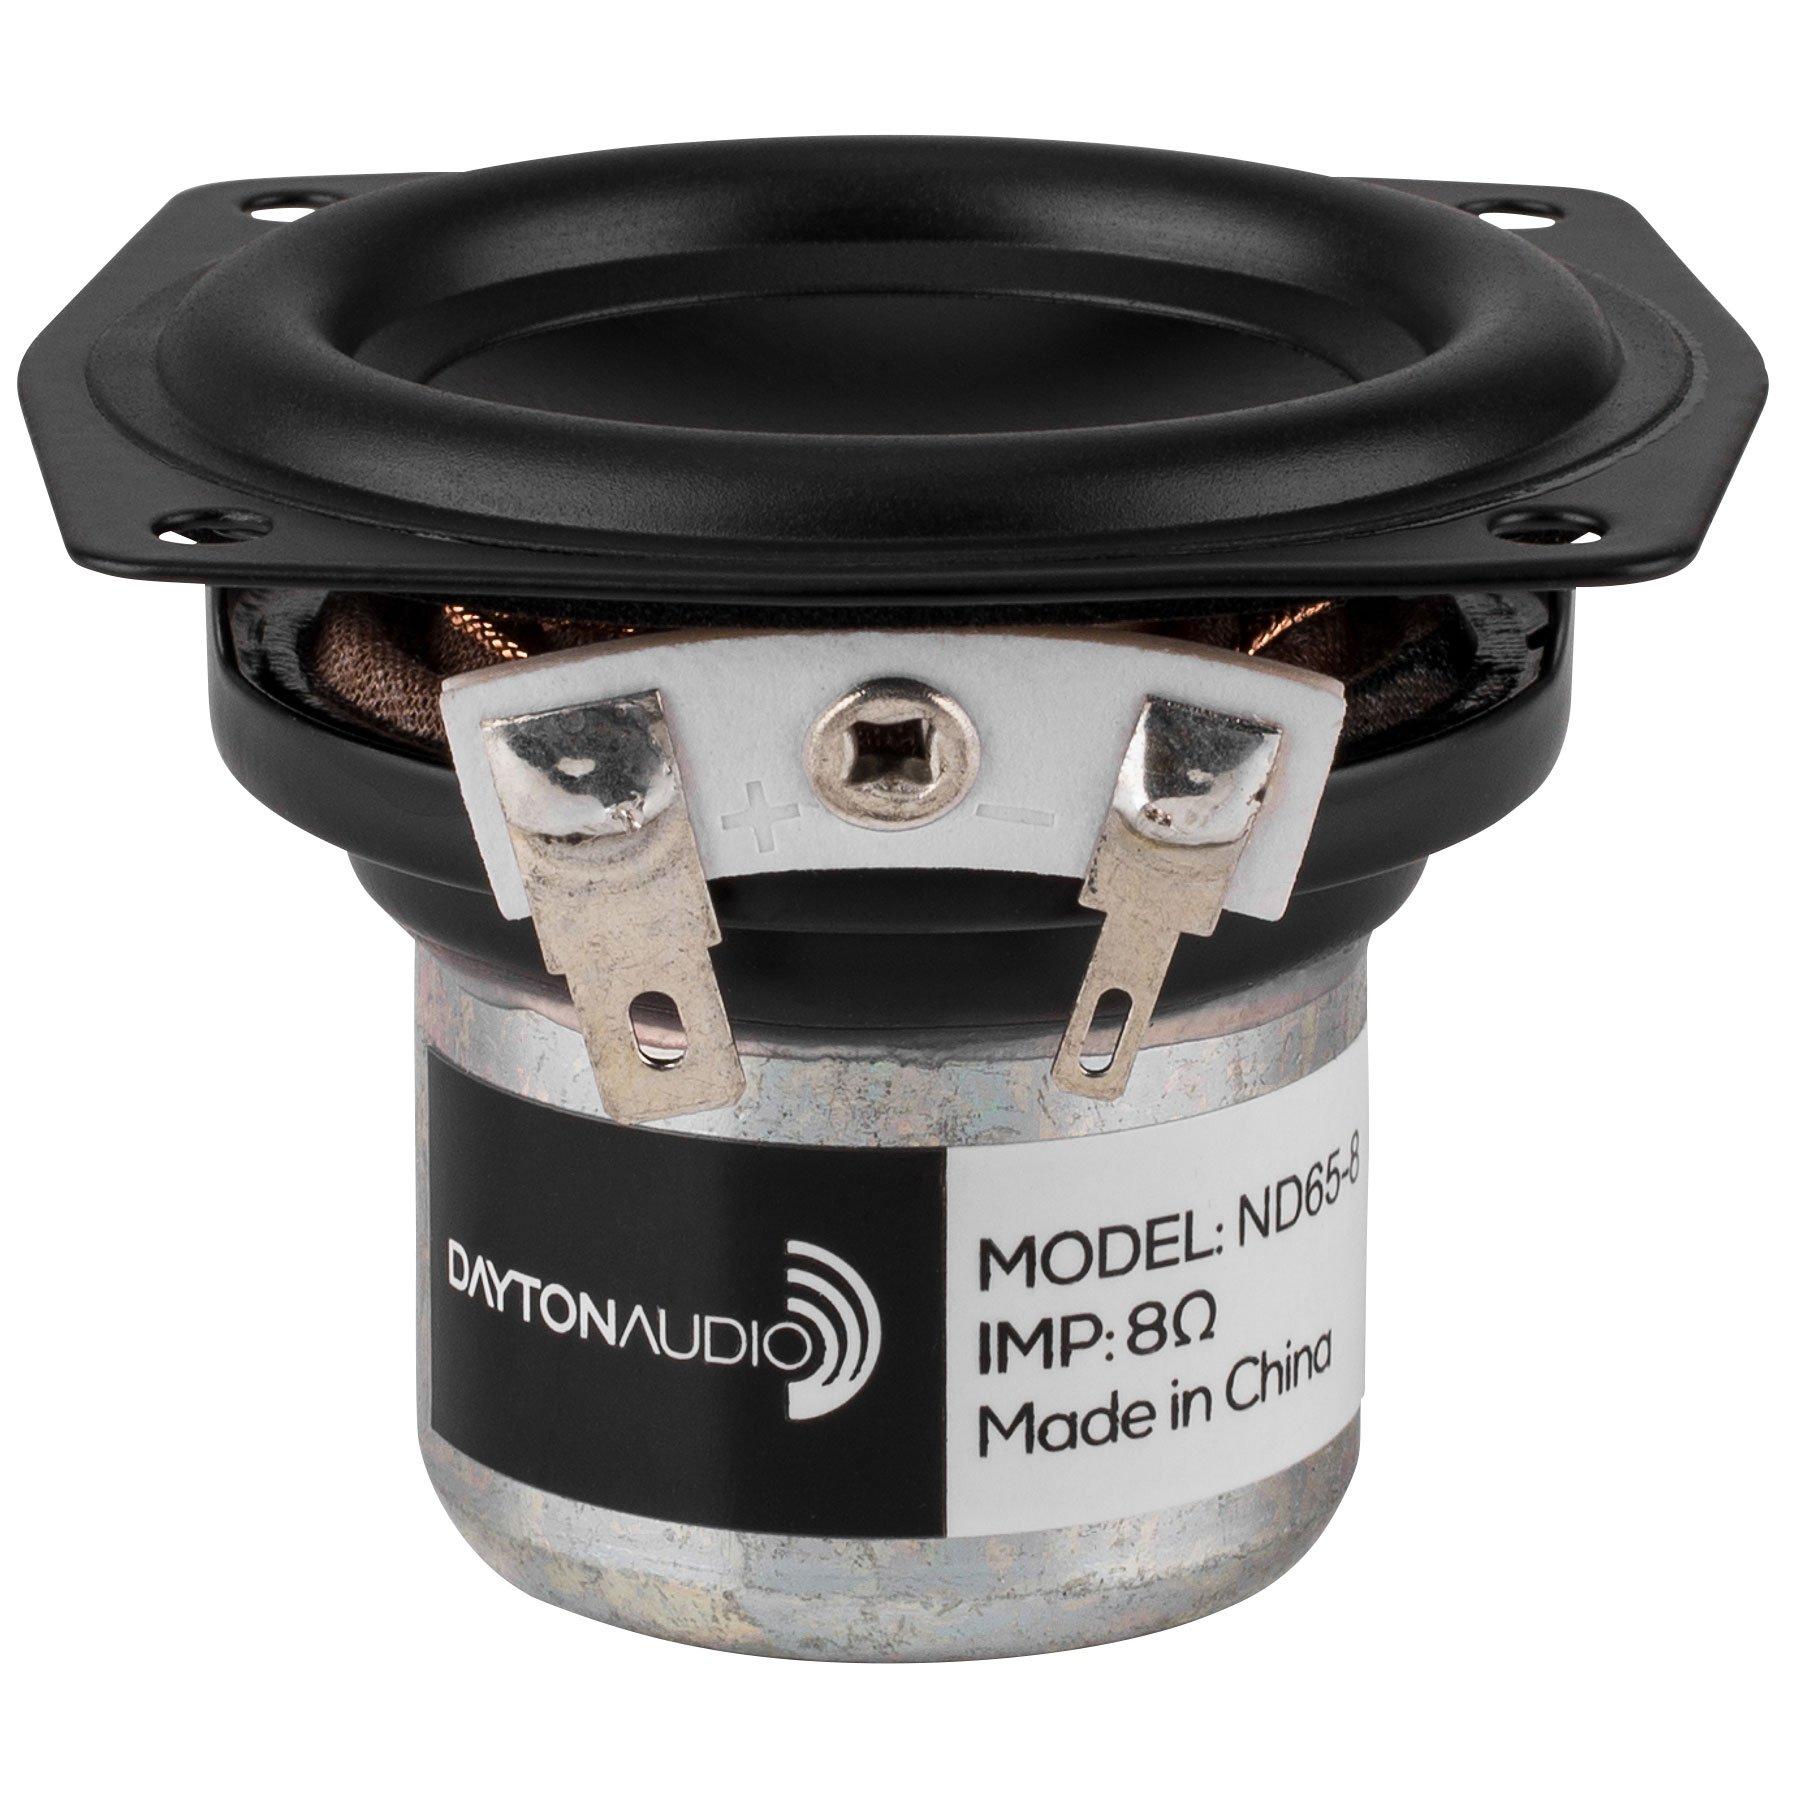 Dayton Audio ND91-4 3-1//2 Aluminum Cone Full-Range Neo Driver 4 Ohm